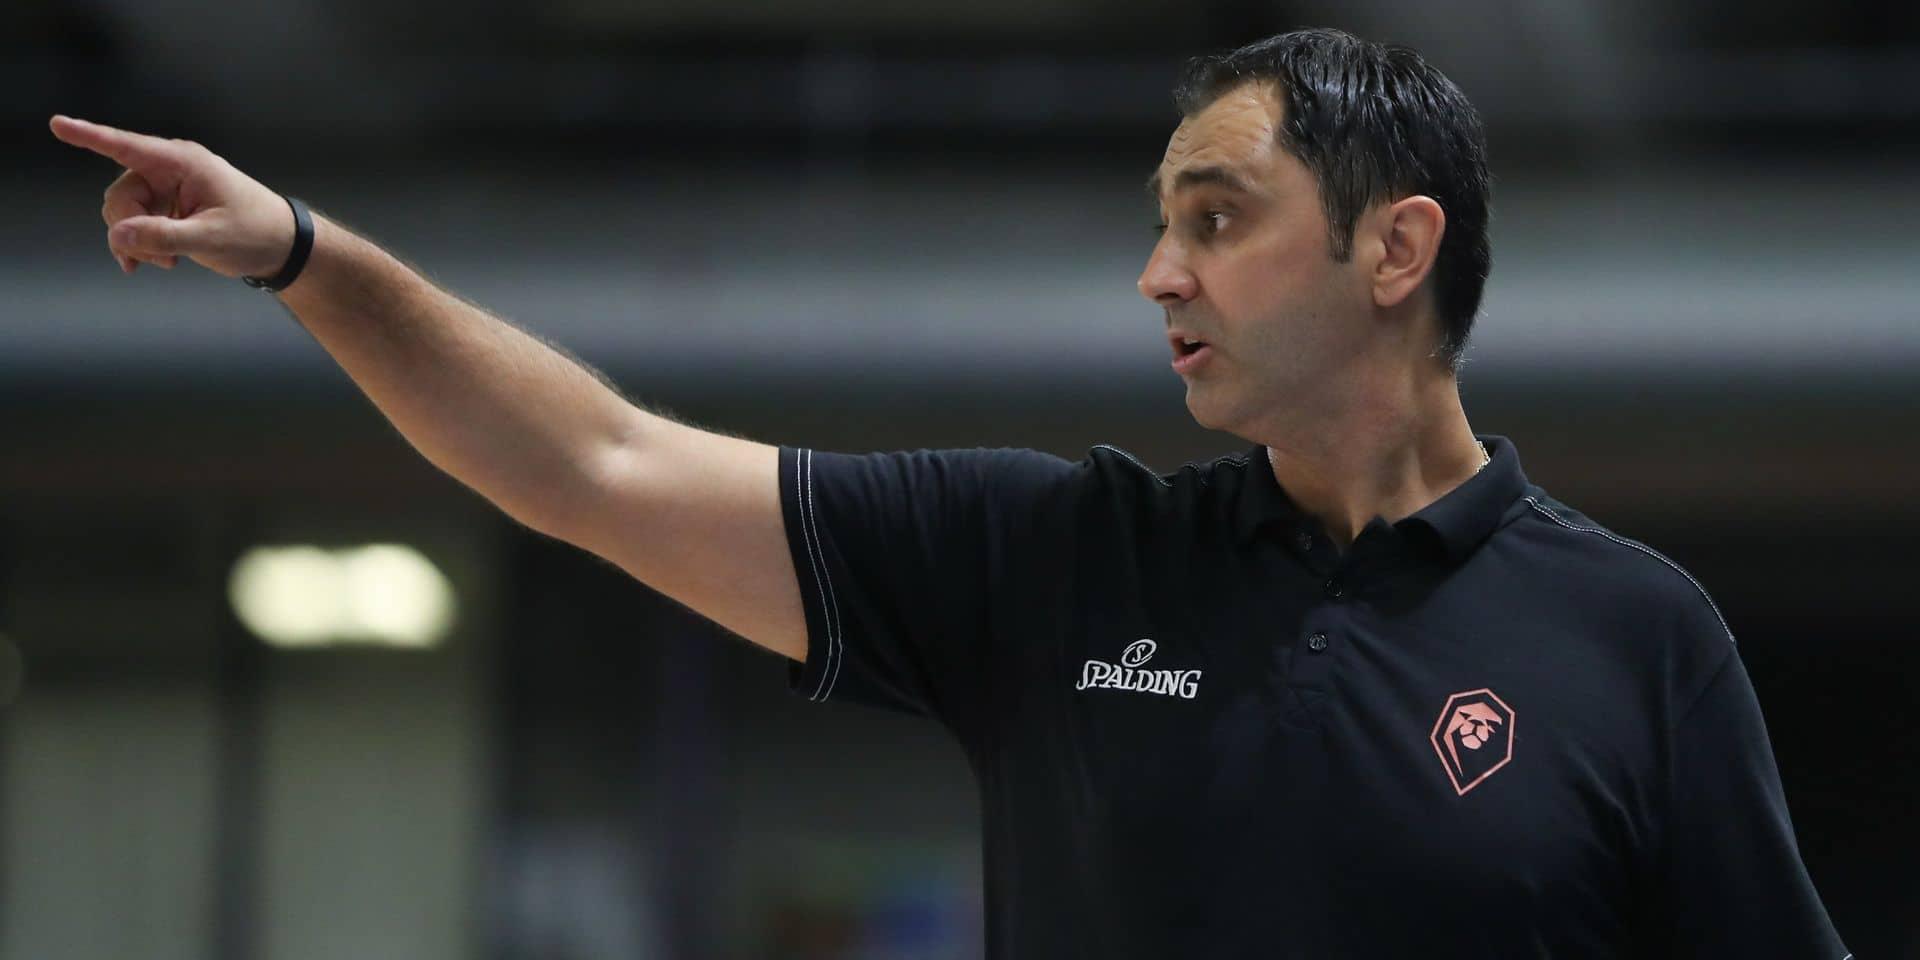 Belgian Lions : Dario Gjergja vise le deux sur deux